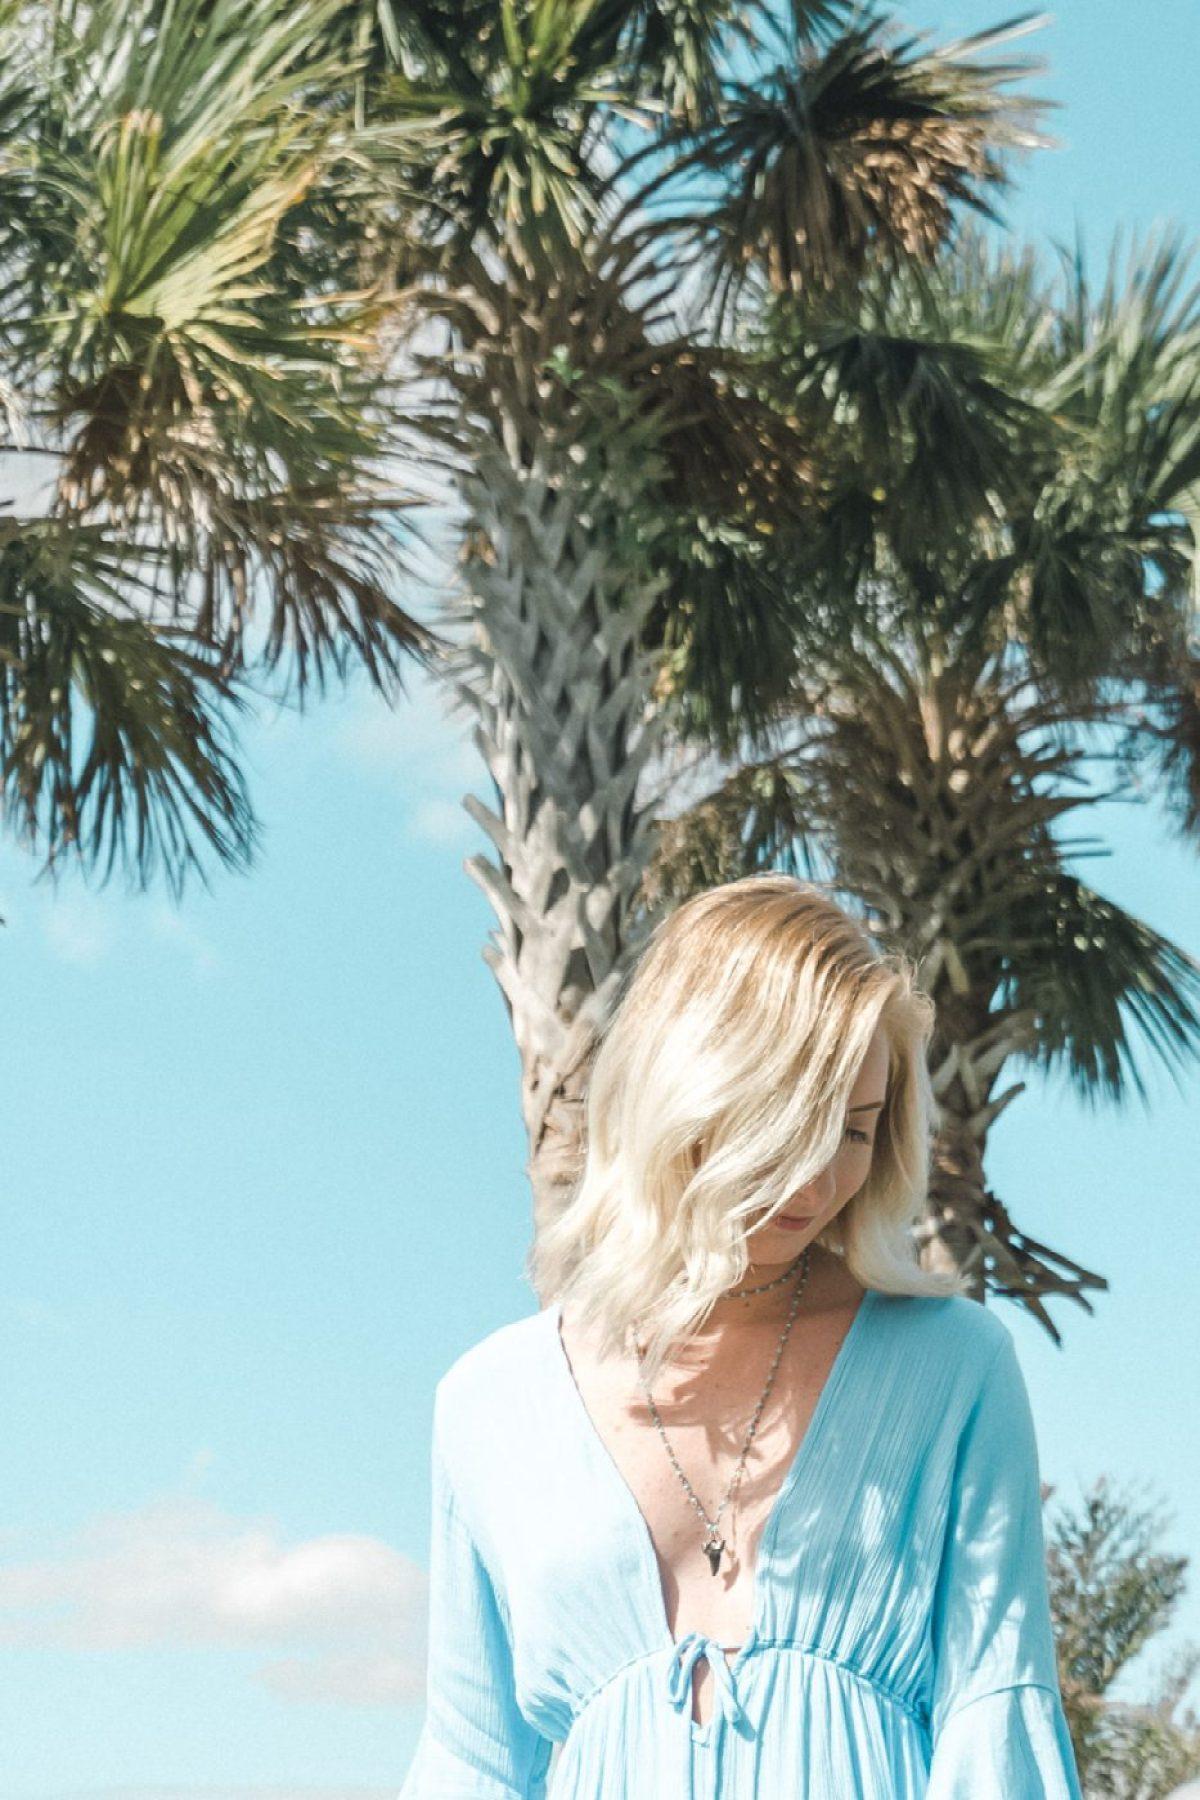 Jenny wearing a low cut blue top